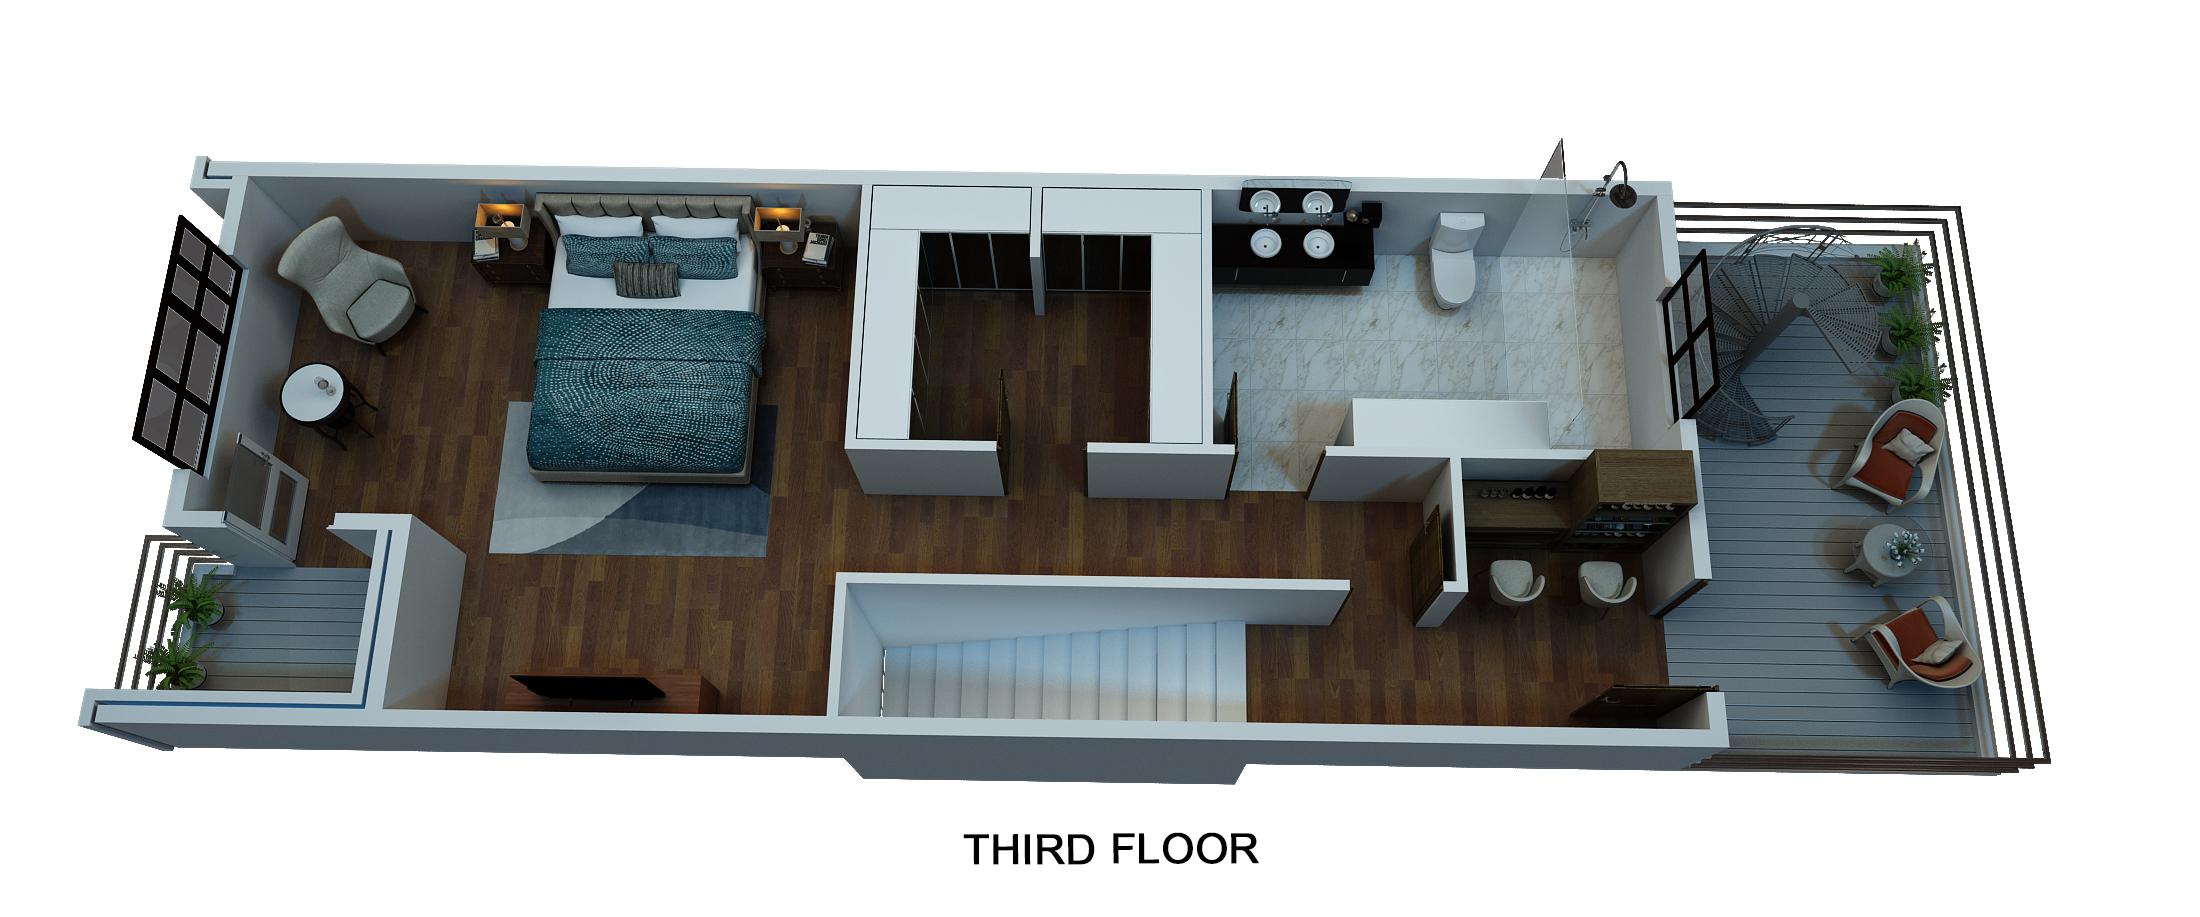 9173-ThirdFloor.jpg